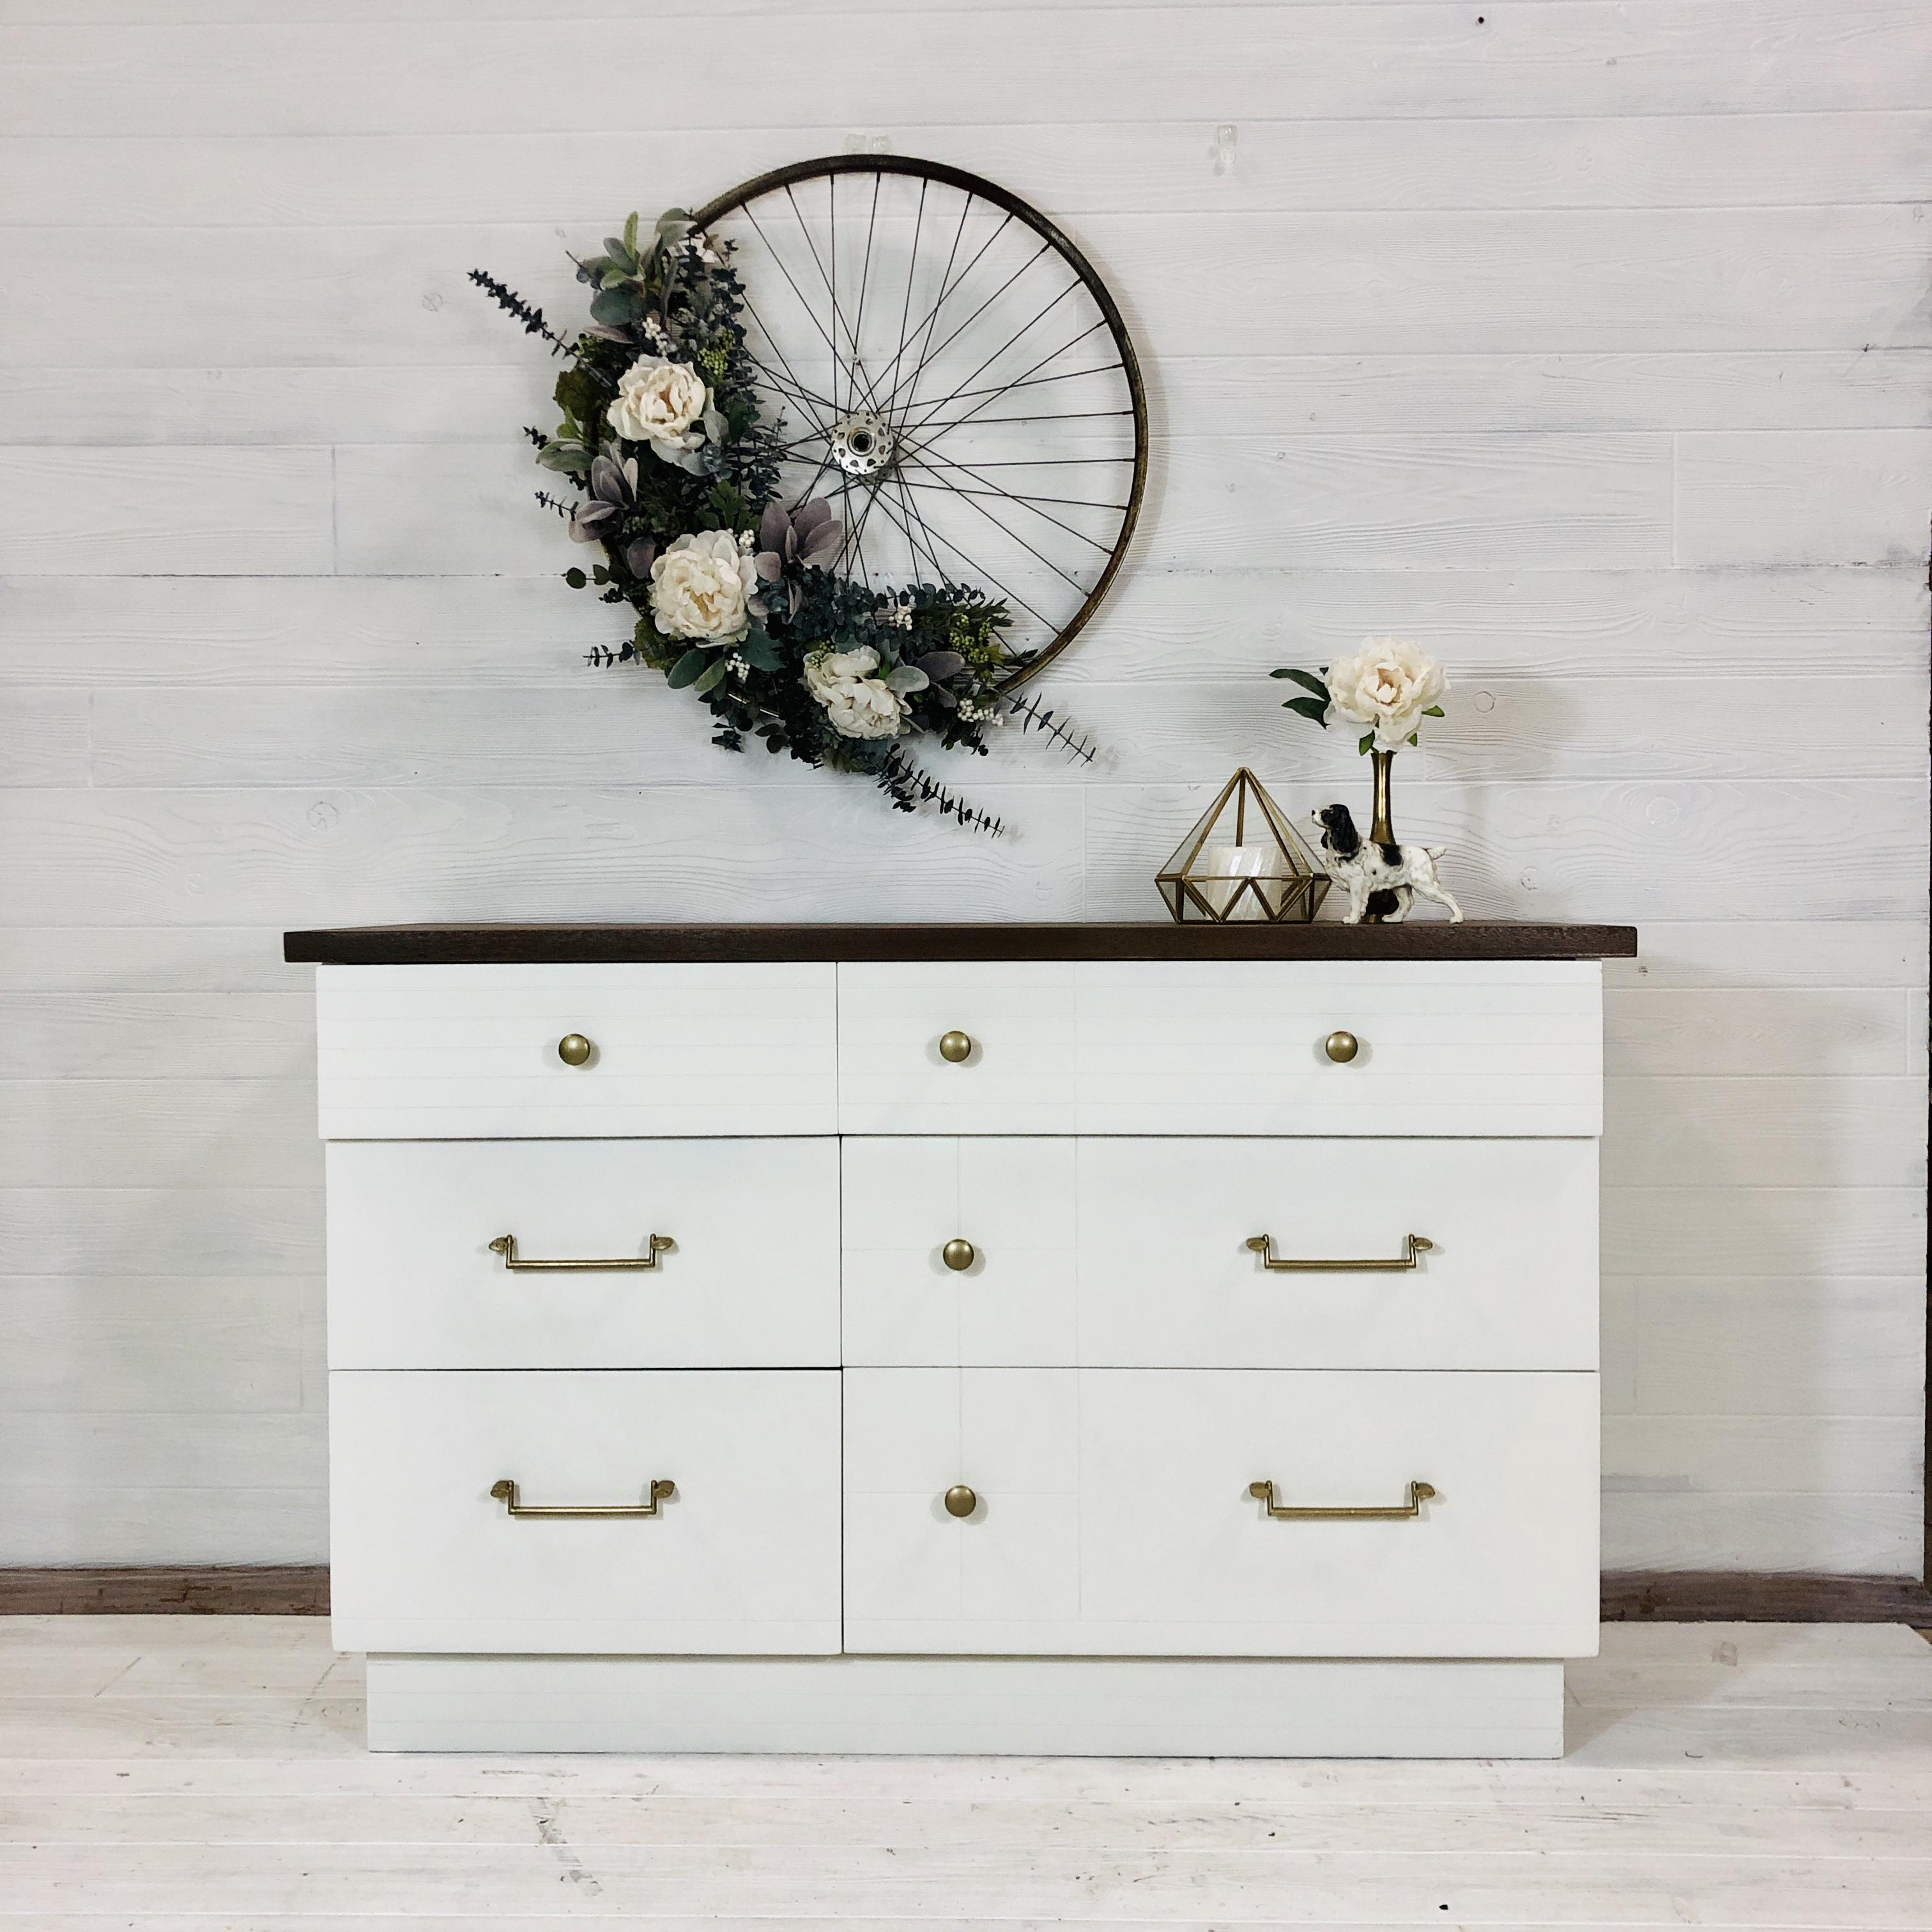 Alabaster and Wood Top Dresser